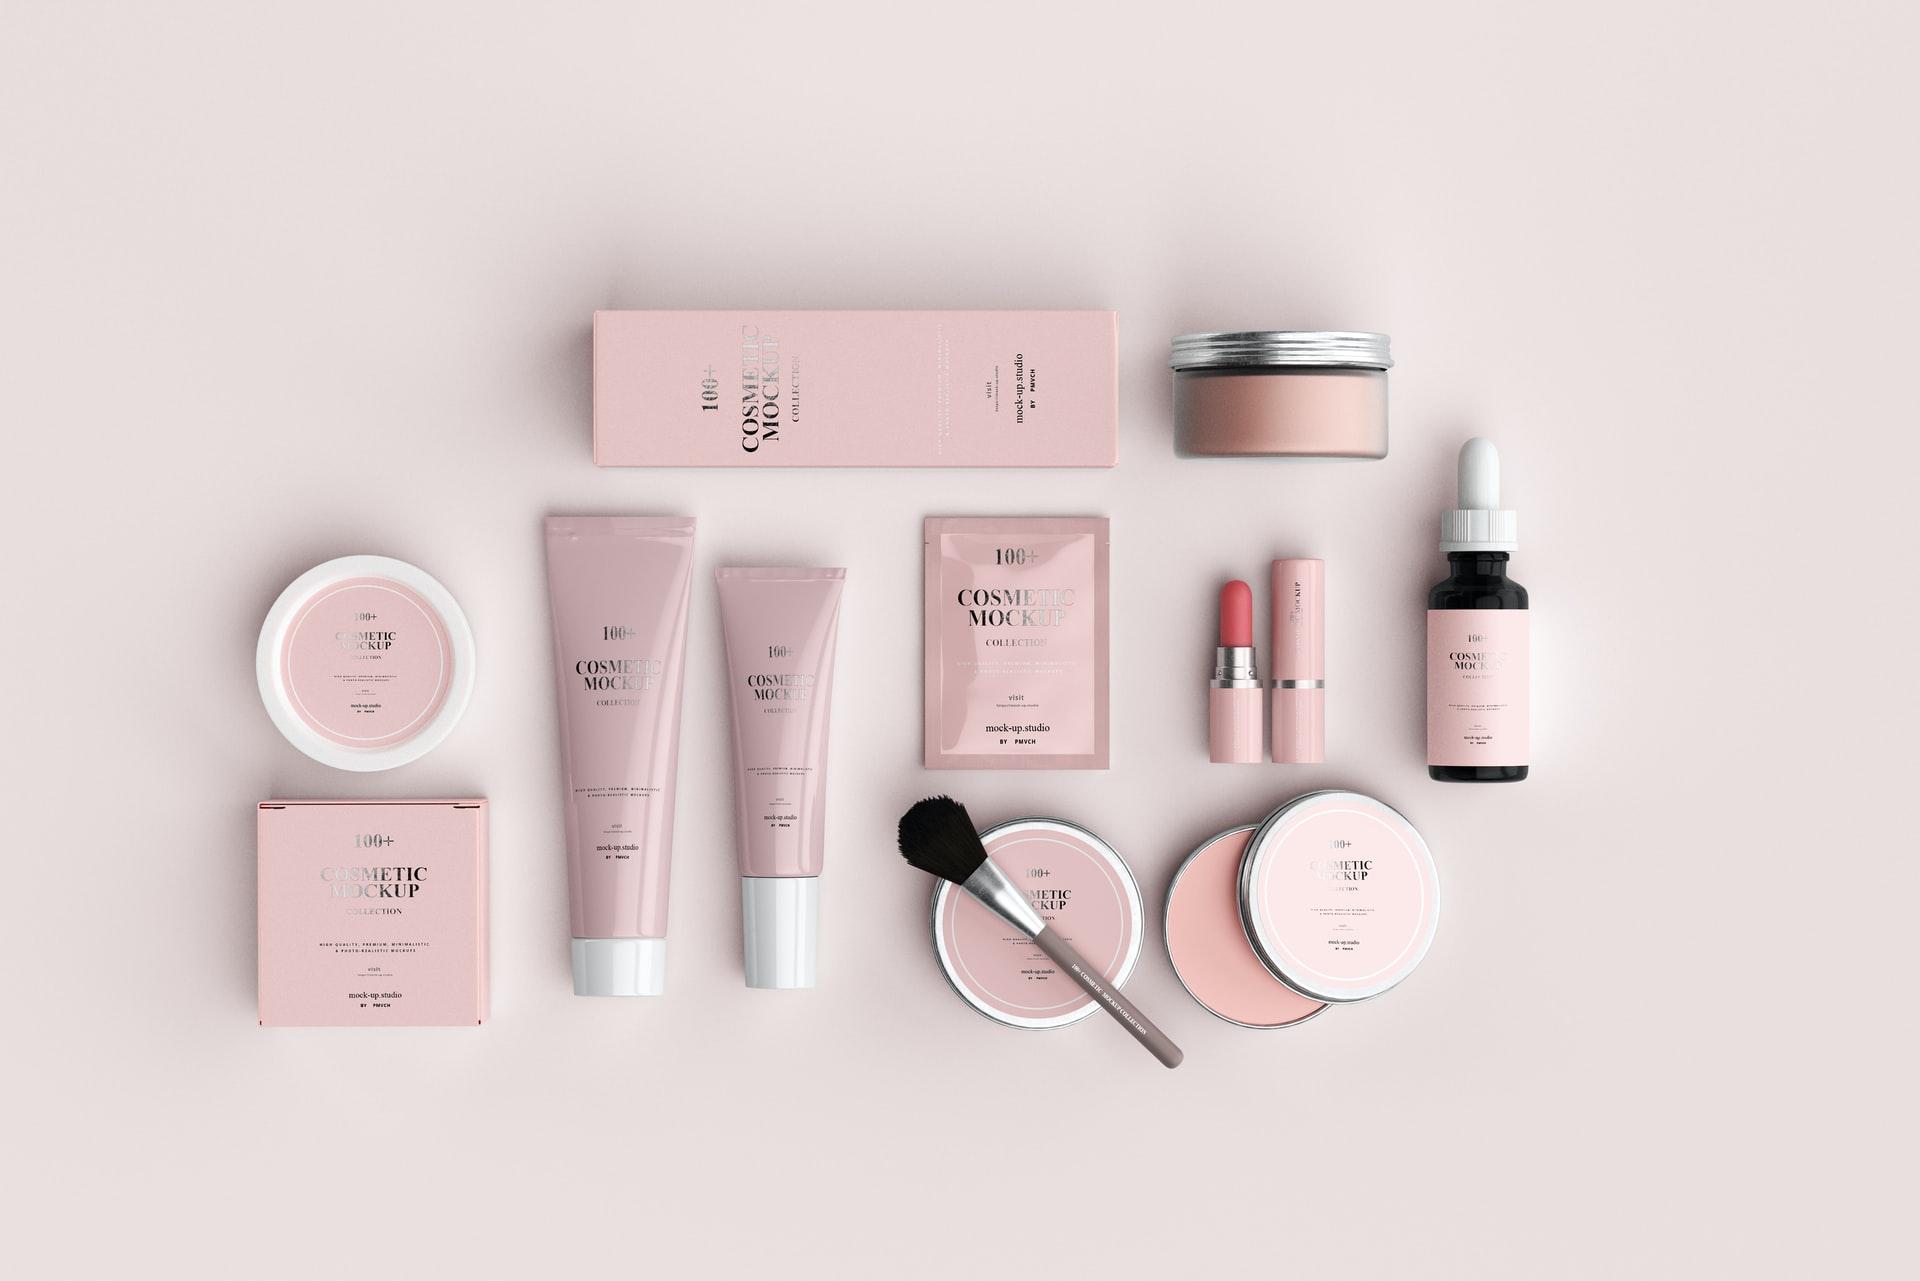 Cosmetici skincare